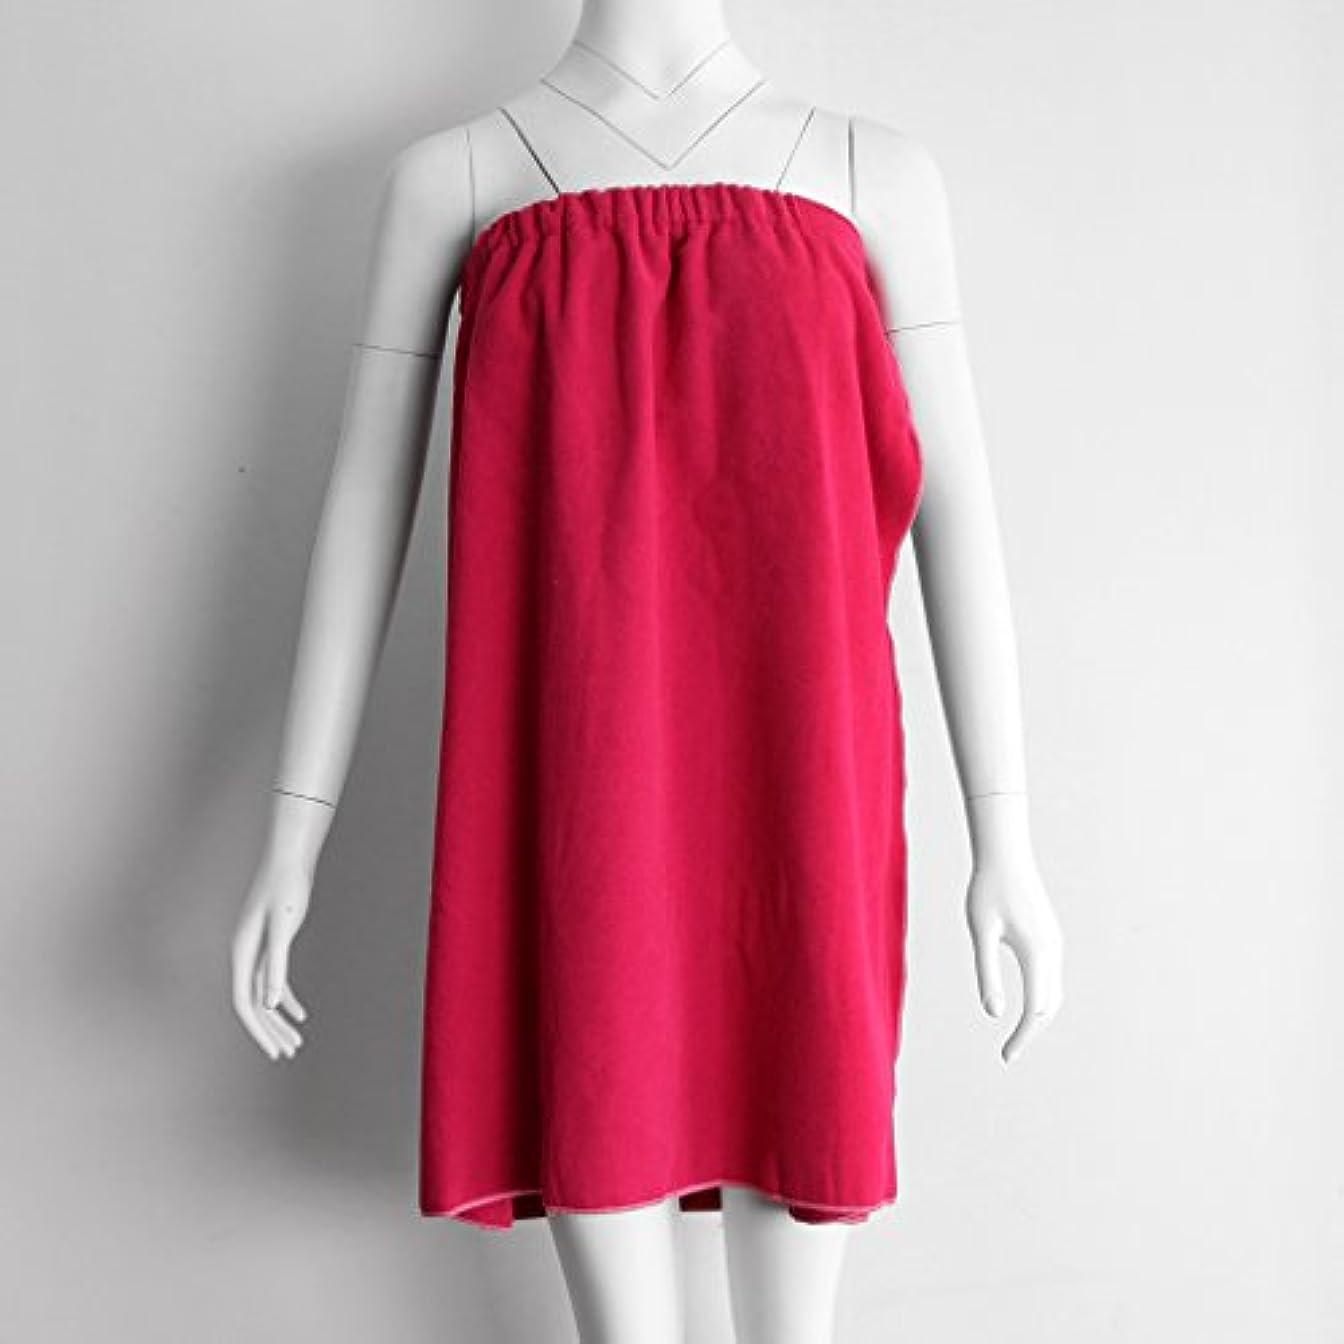 対応吸い込む体操タオルラップ バスタオル バススカート レディース シャワーラップ 約68×54cm 4色選べる - 赤